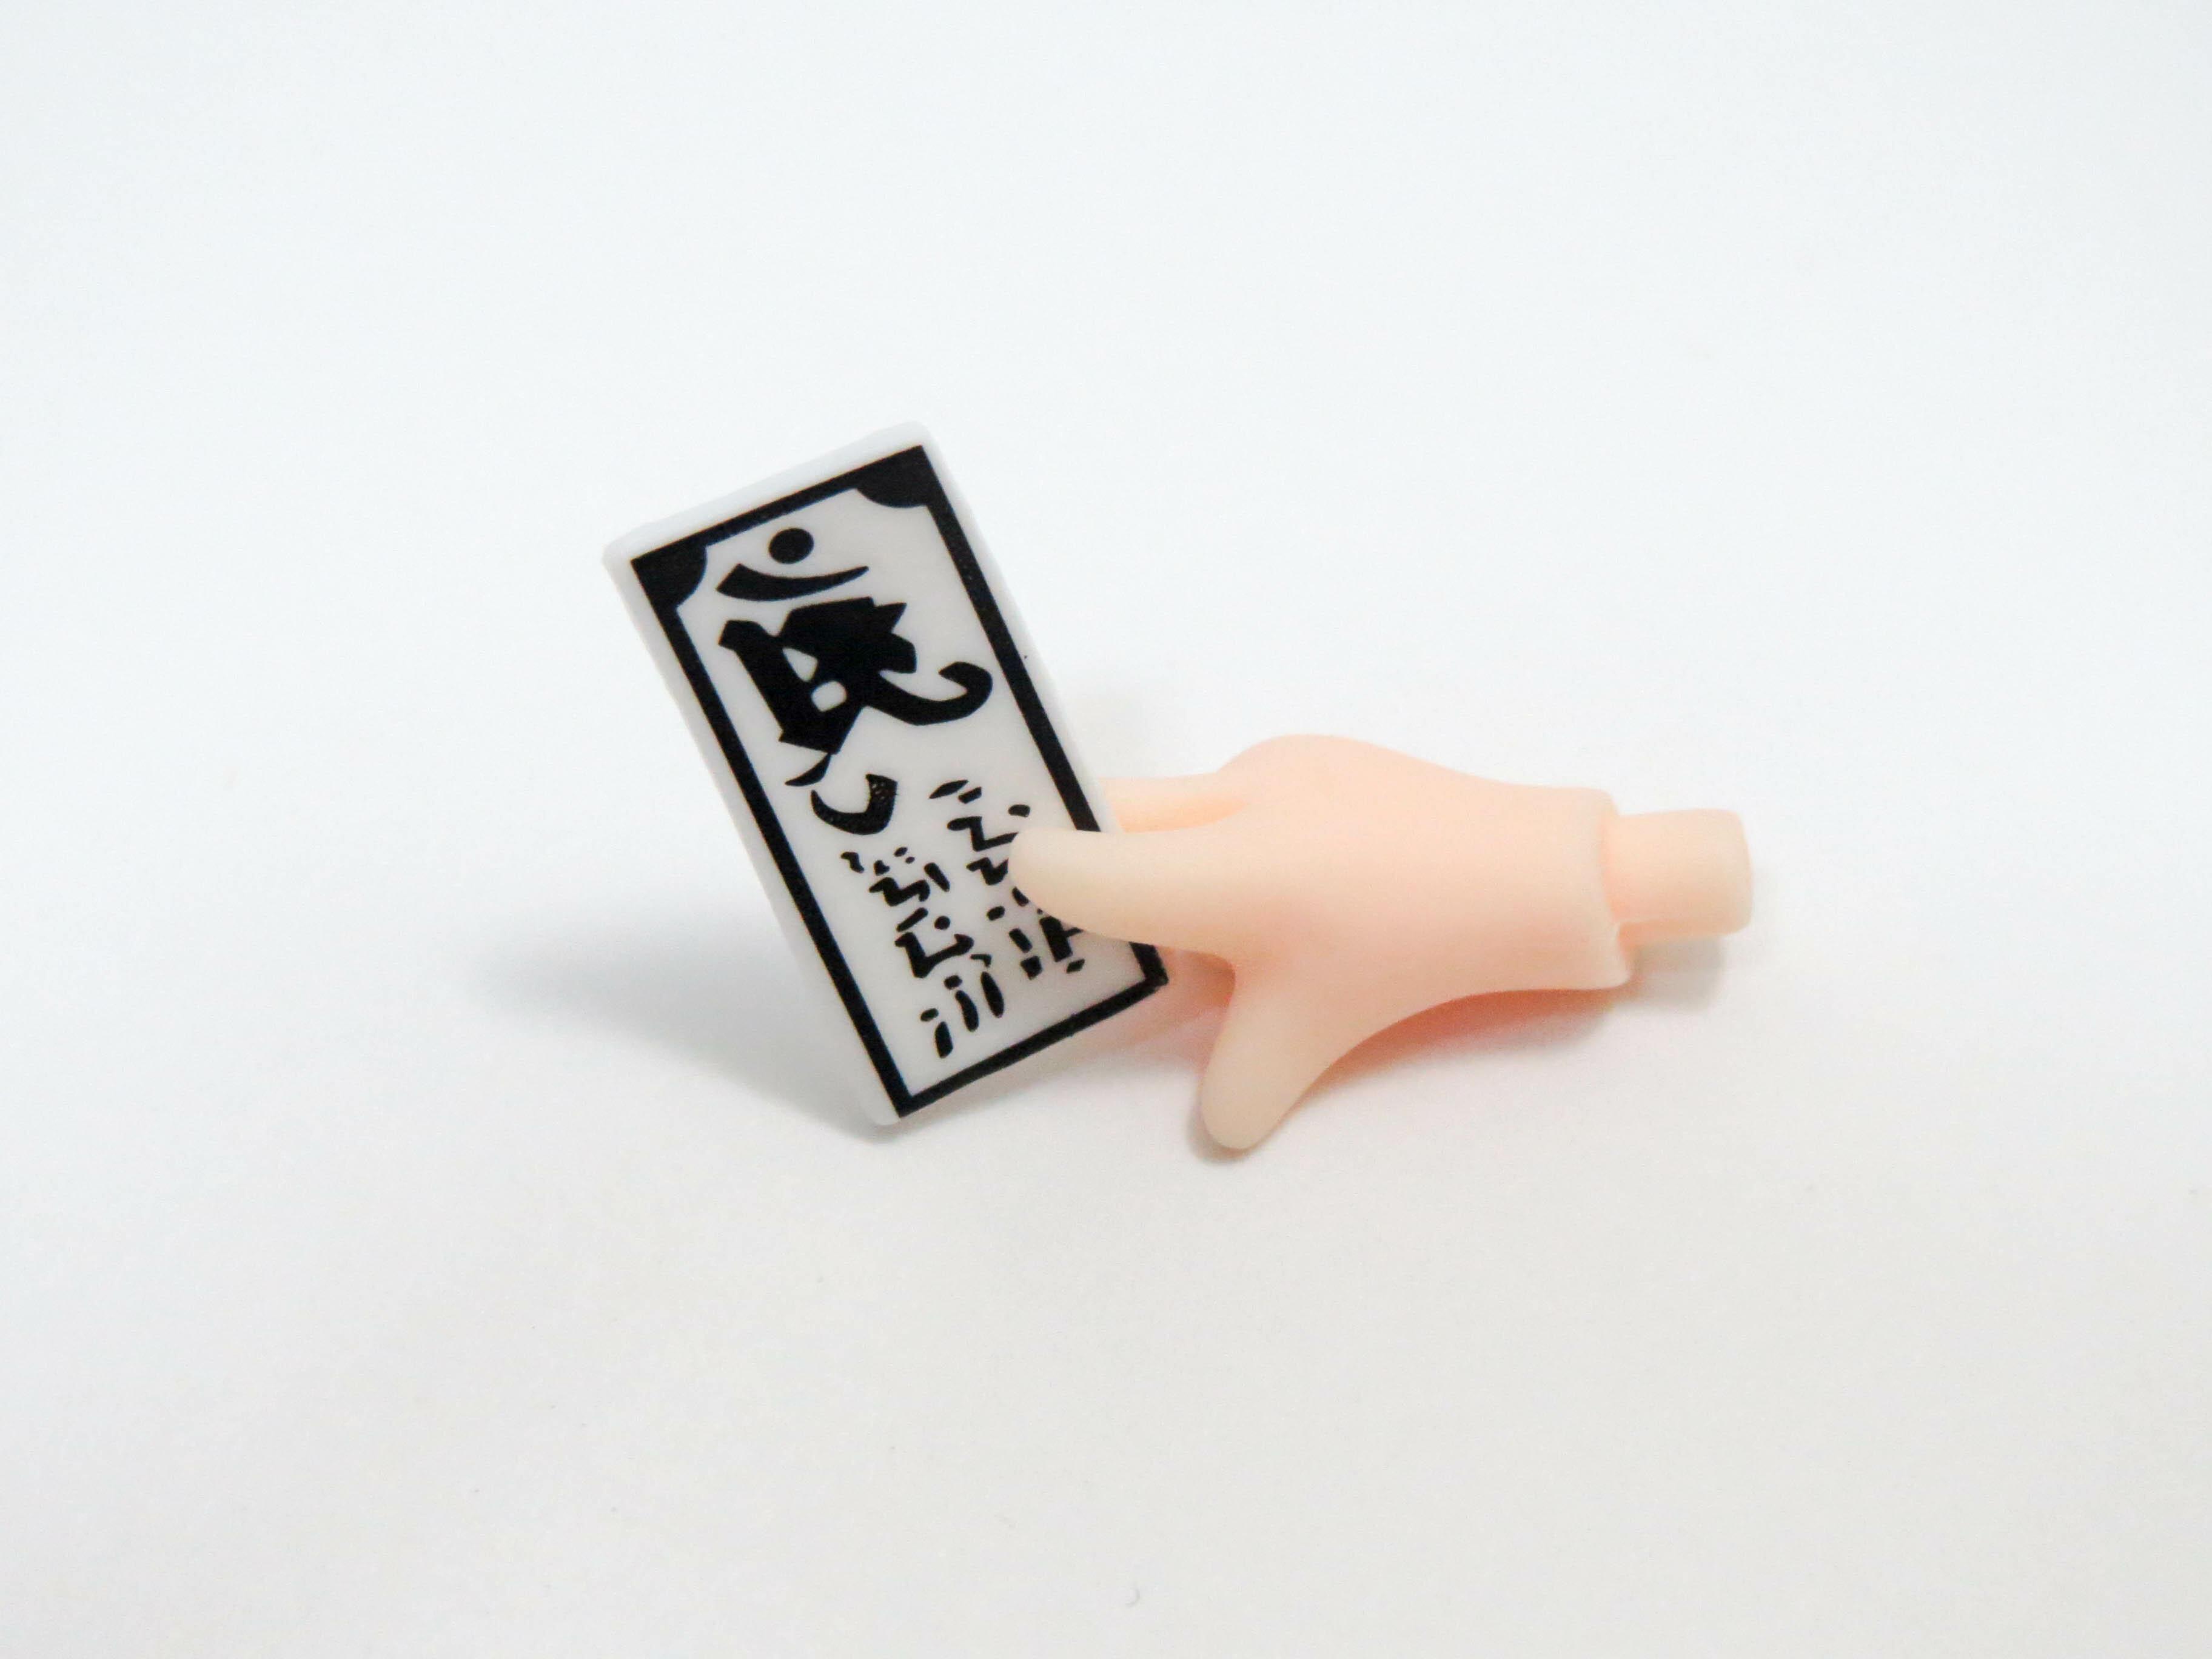 再入荷【710】 キャスター(玉藻の前) 小物パーツ 符 ねんどろいど